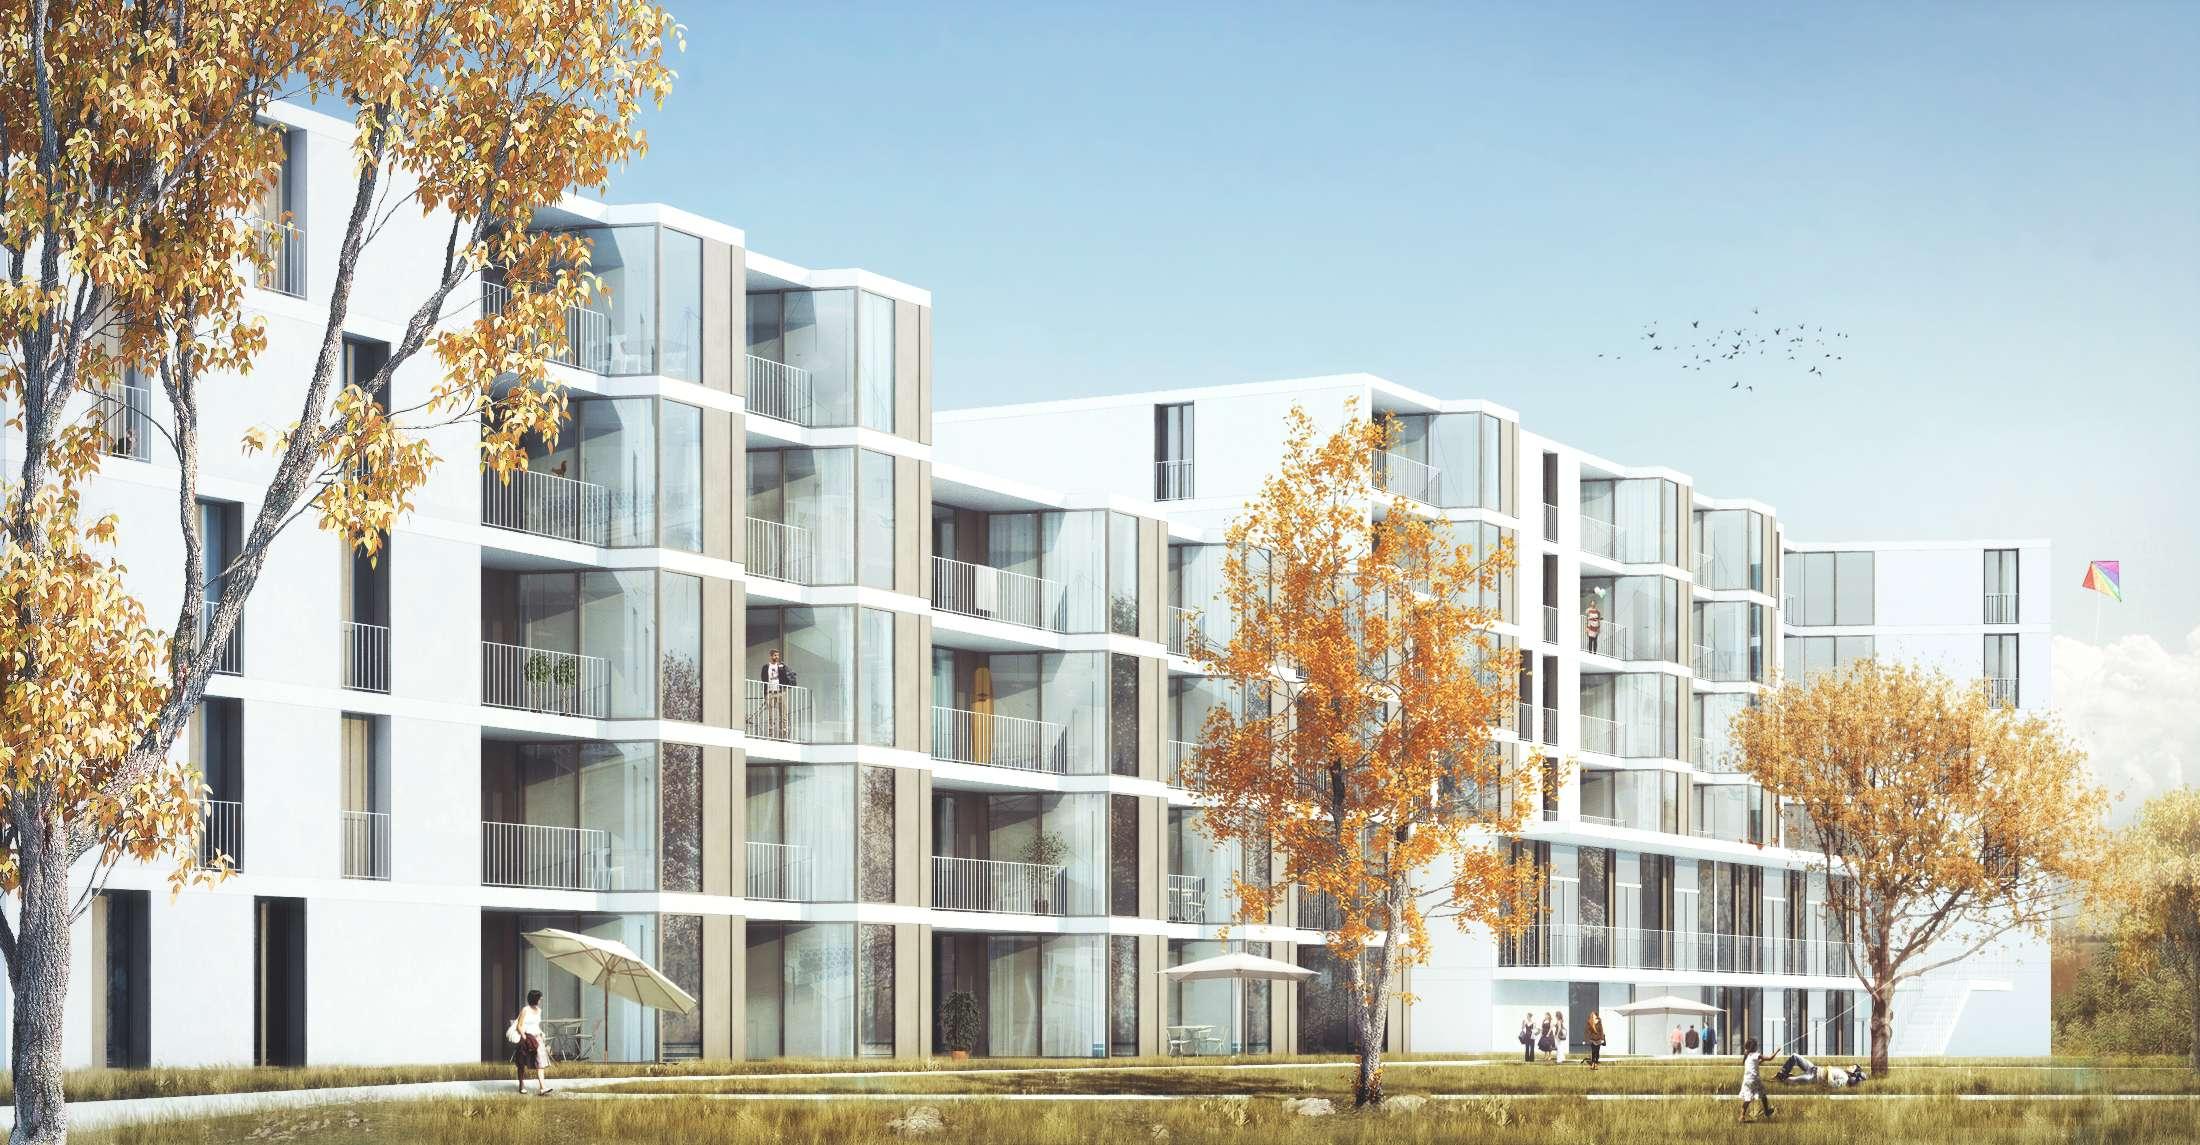 MÜNCHEN-MODELL Neubau 1-Zimmerwohnung in Freiham in Aubing (München)